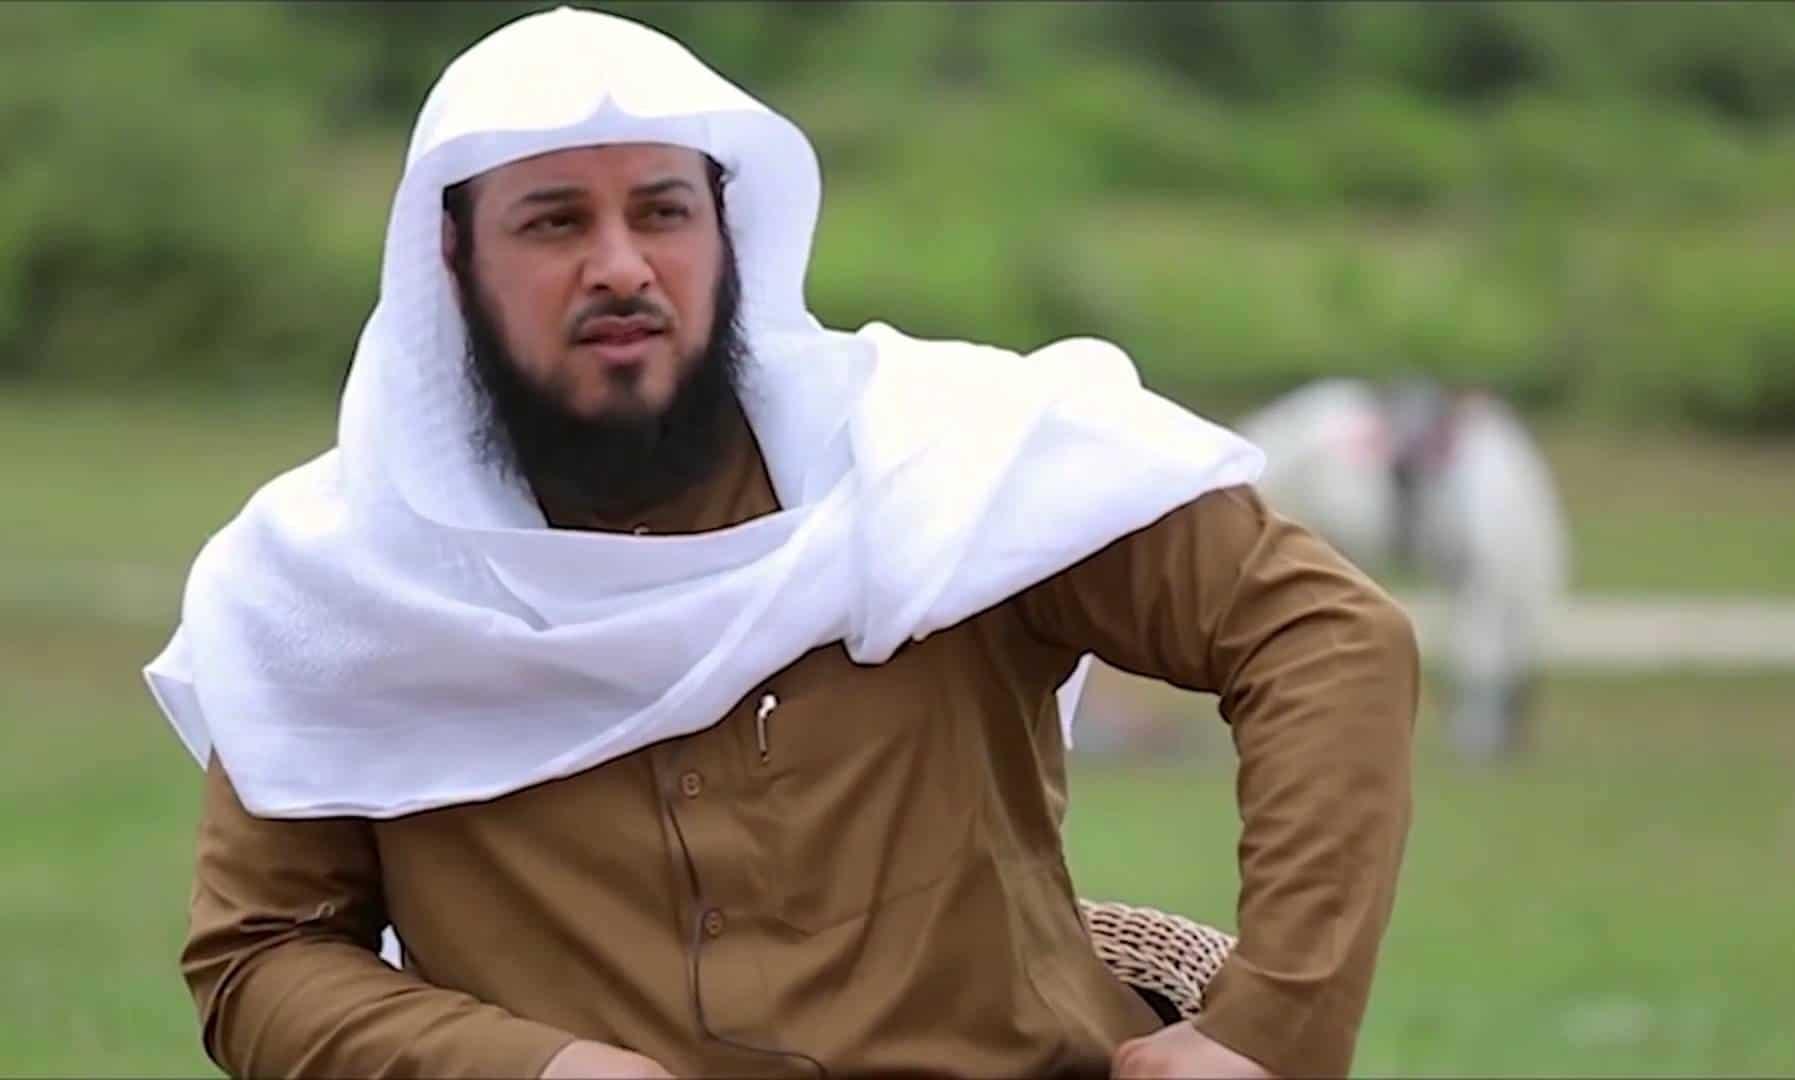 نجل محمد العريفي في معتقلات السعودية منذ 2018 وحساب حقوقي يطالب بإطلاق سراحه